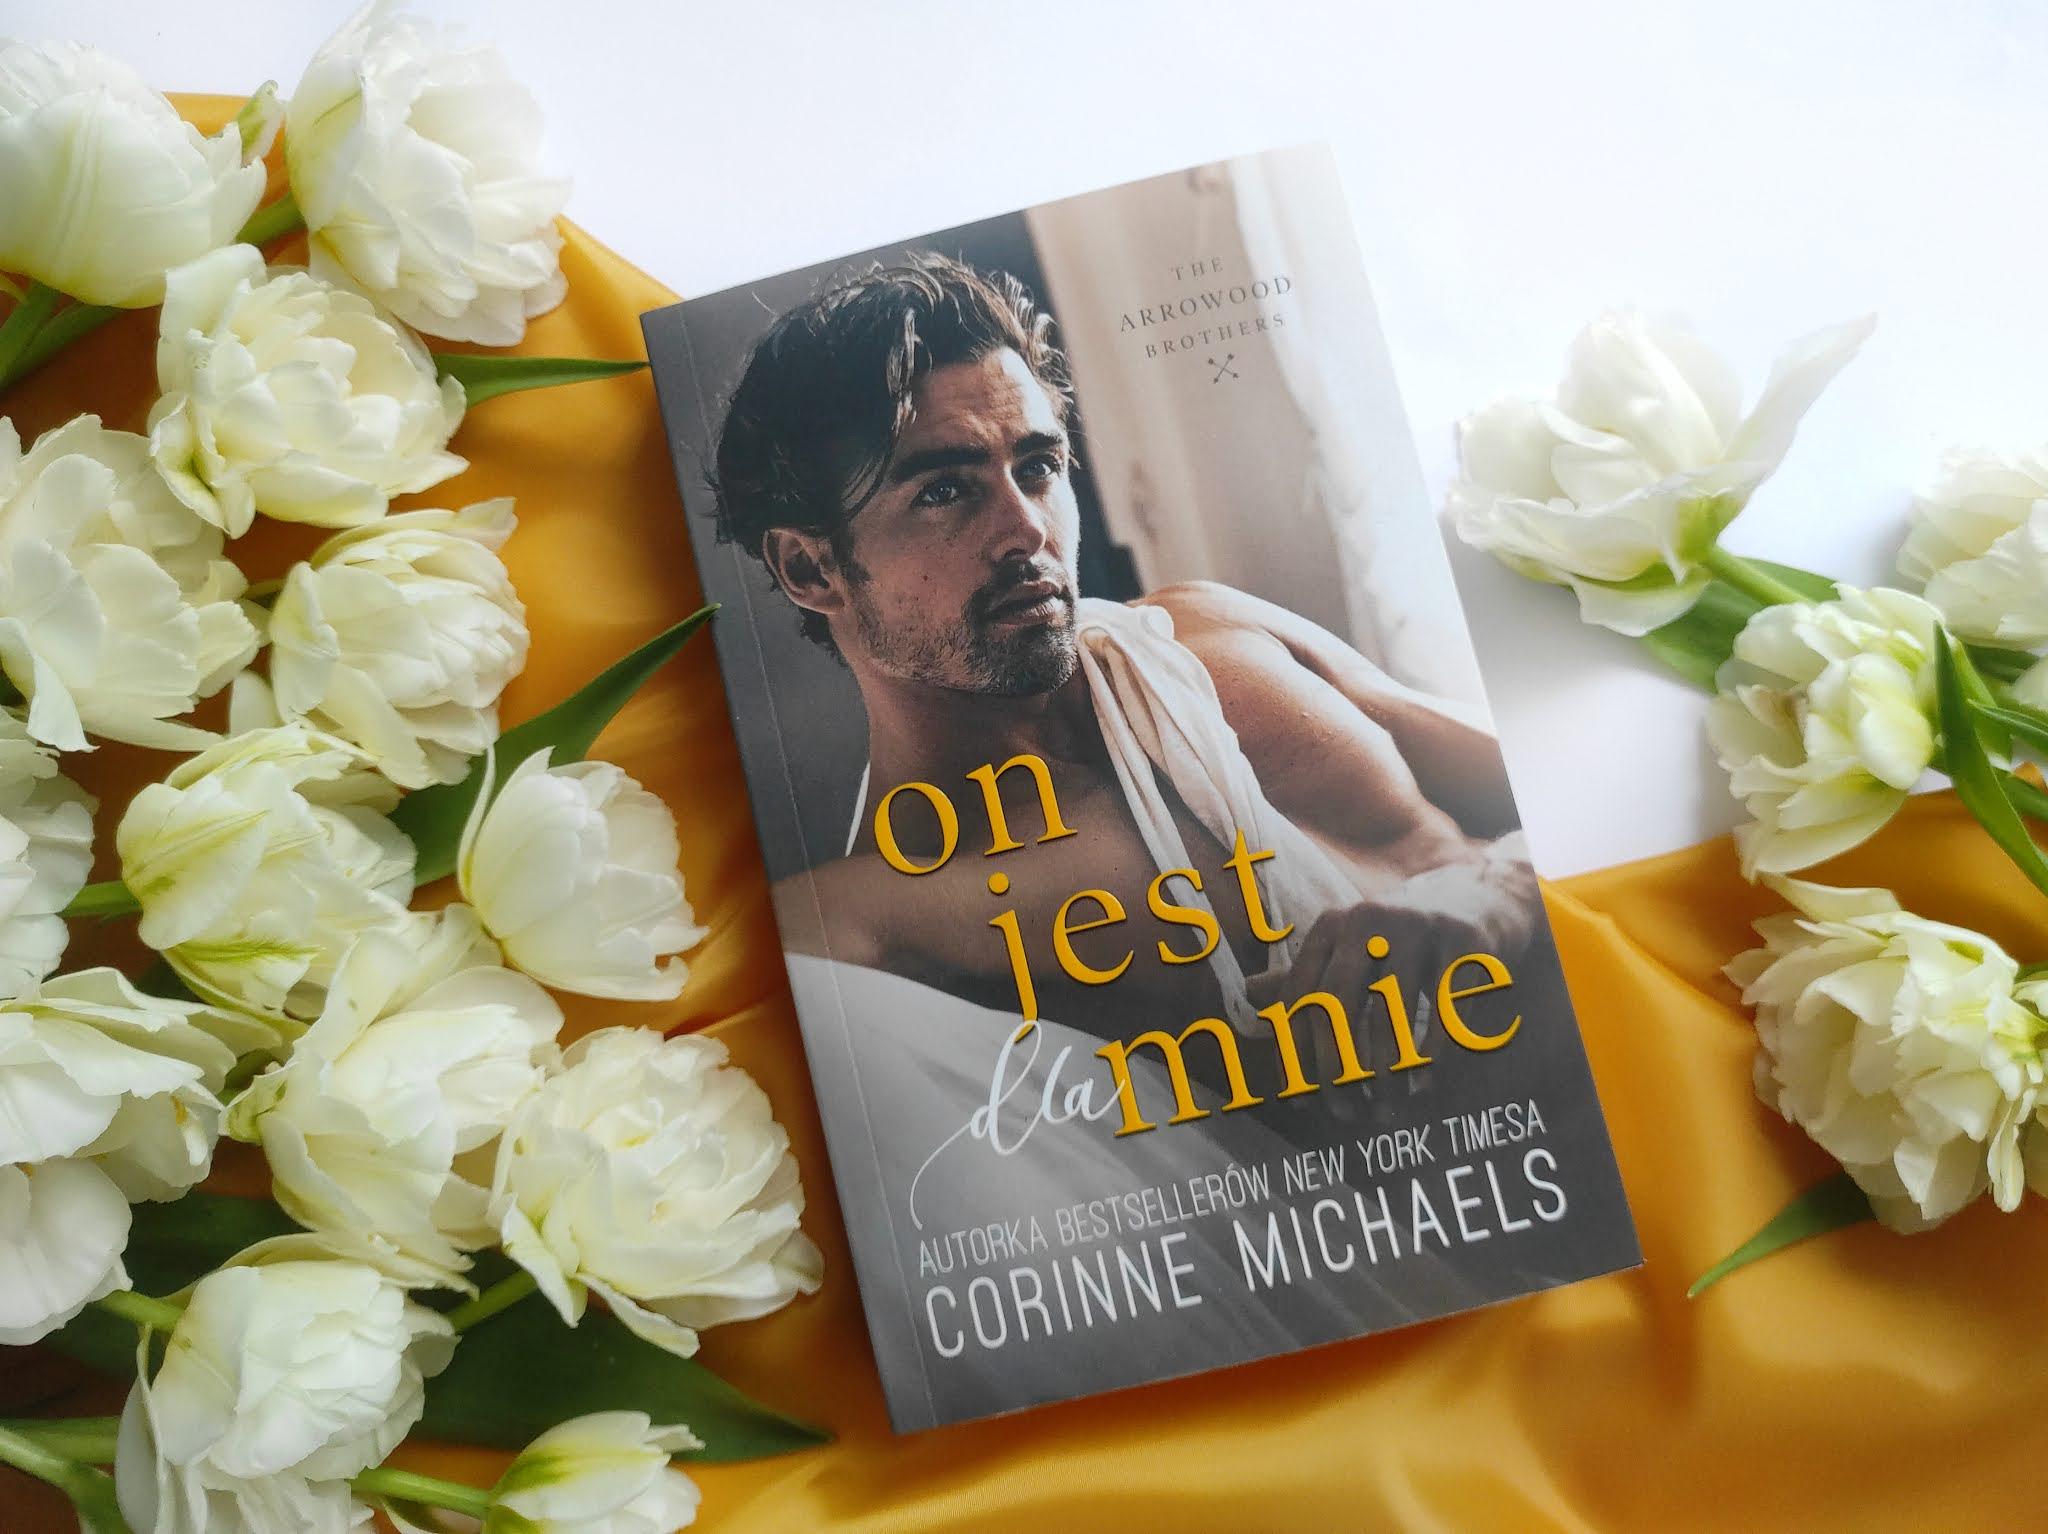 """""""On jest dla mnie"""", Corinne Michaels"""